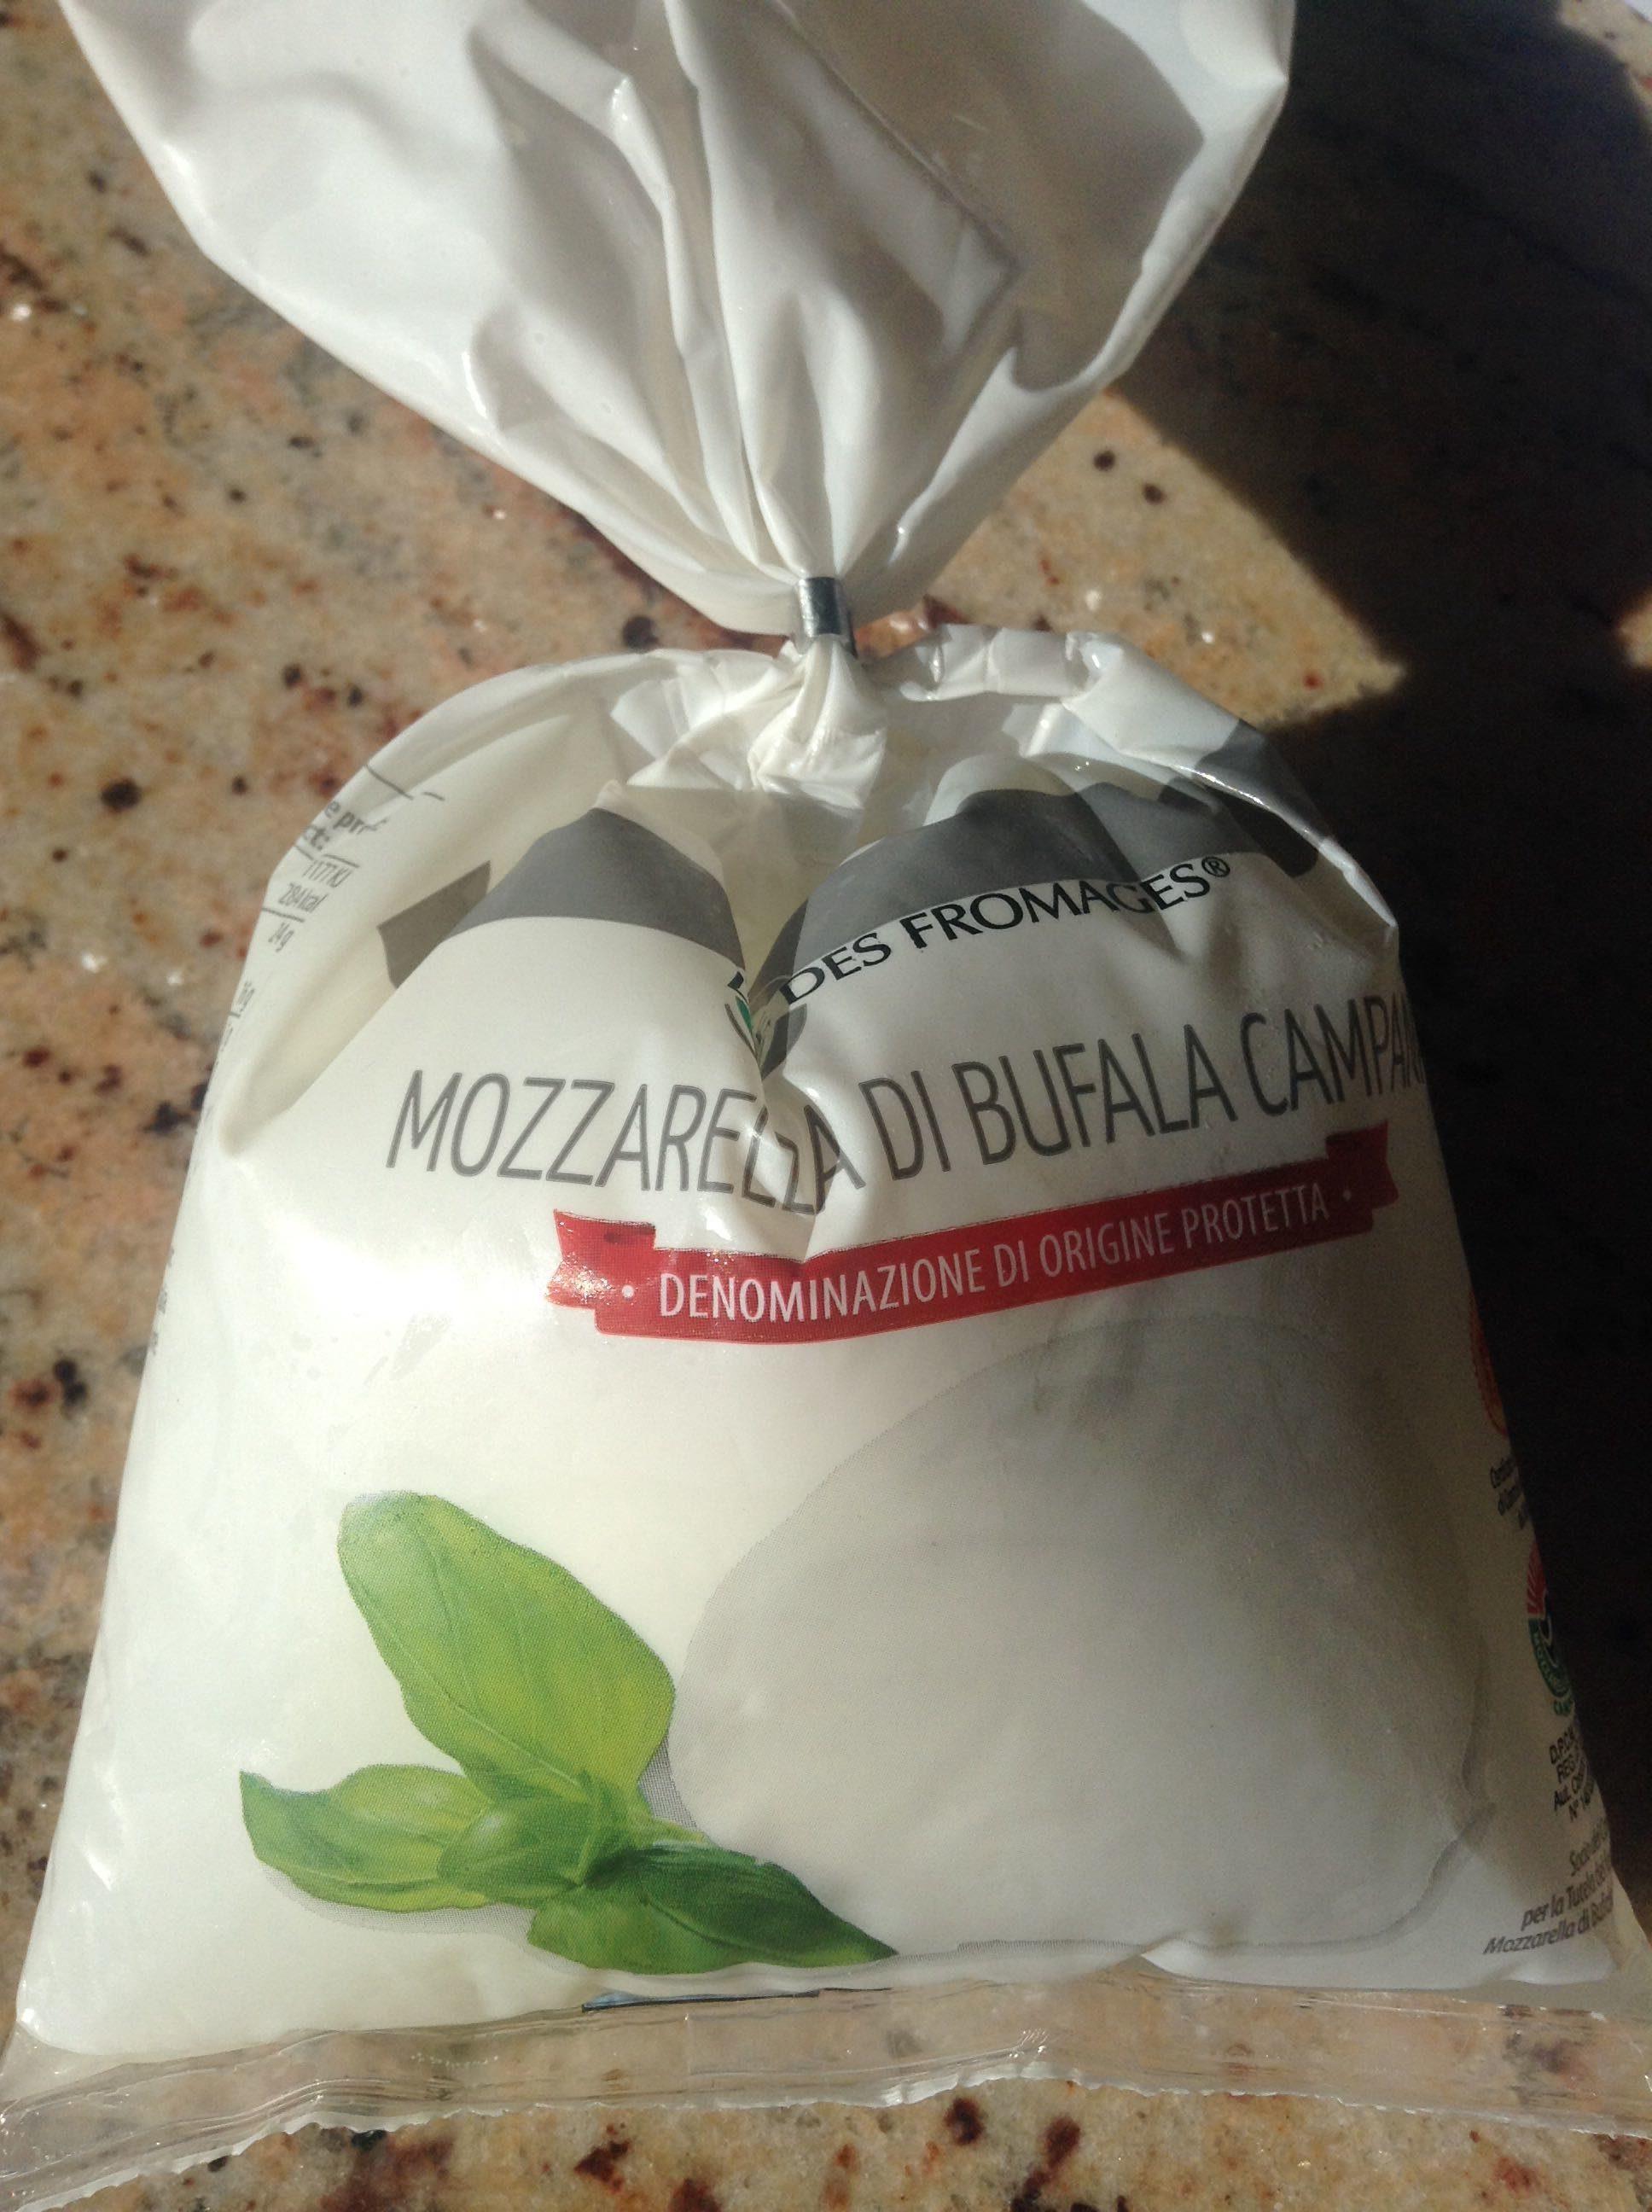 Mozzarella di Bufala Campana AOP (21% MG) - 400 g - L'Italie des fromages - Product